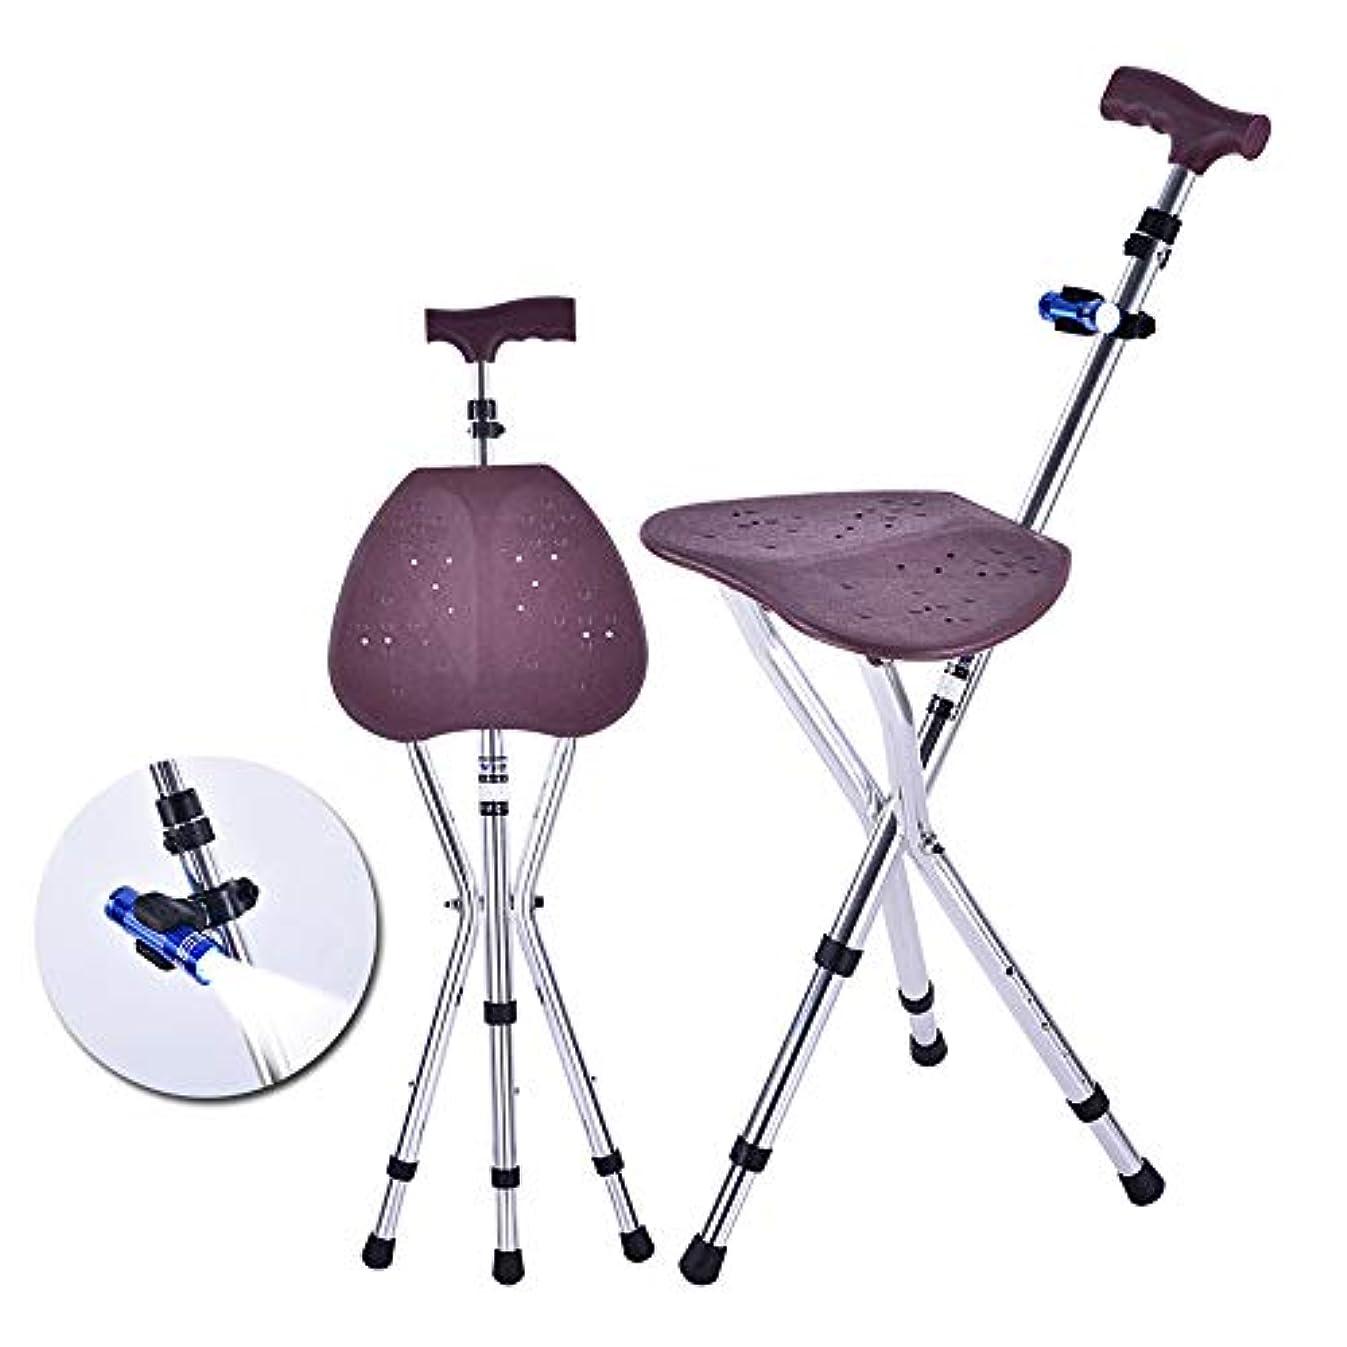 取り壊すネズミテーマ障害を持つ高齢者のための座席折りたたみシート杖付きステッキアルミニウム合金高さ調節可能高さ調節静的荷重150Kg